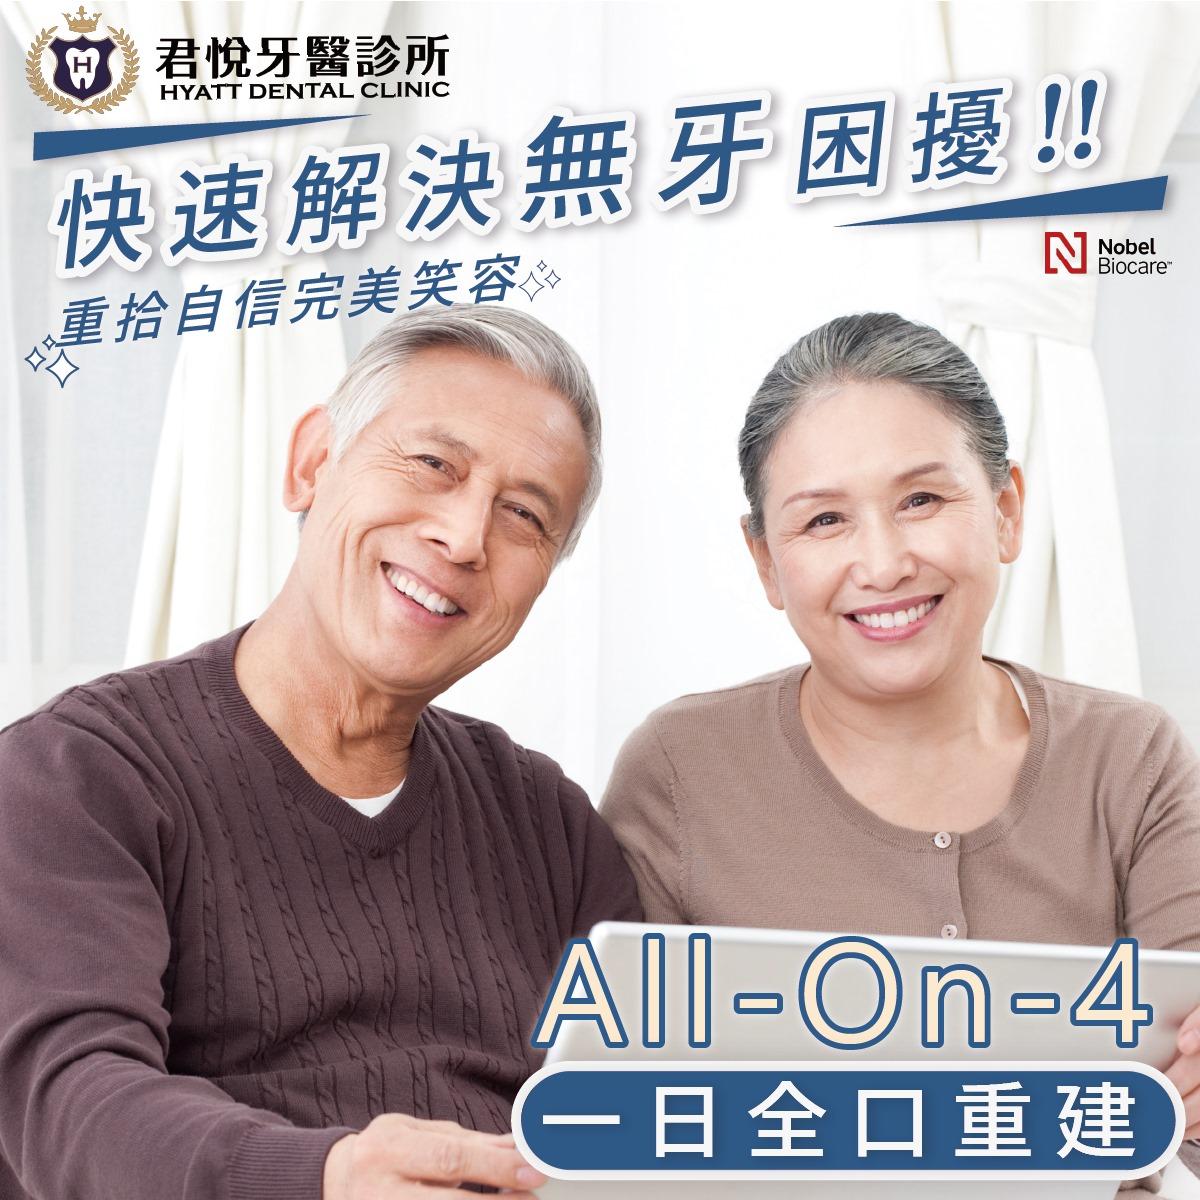 最新消息_ALL-ON-4 快速解決您的缺牙困擾!